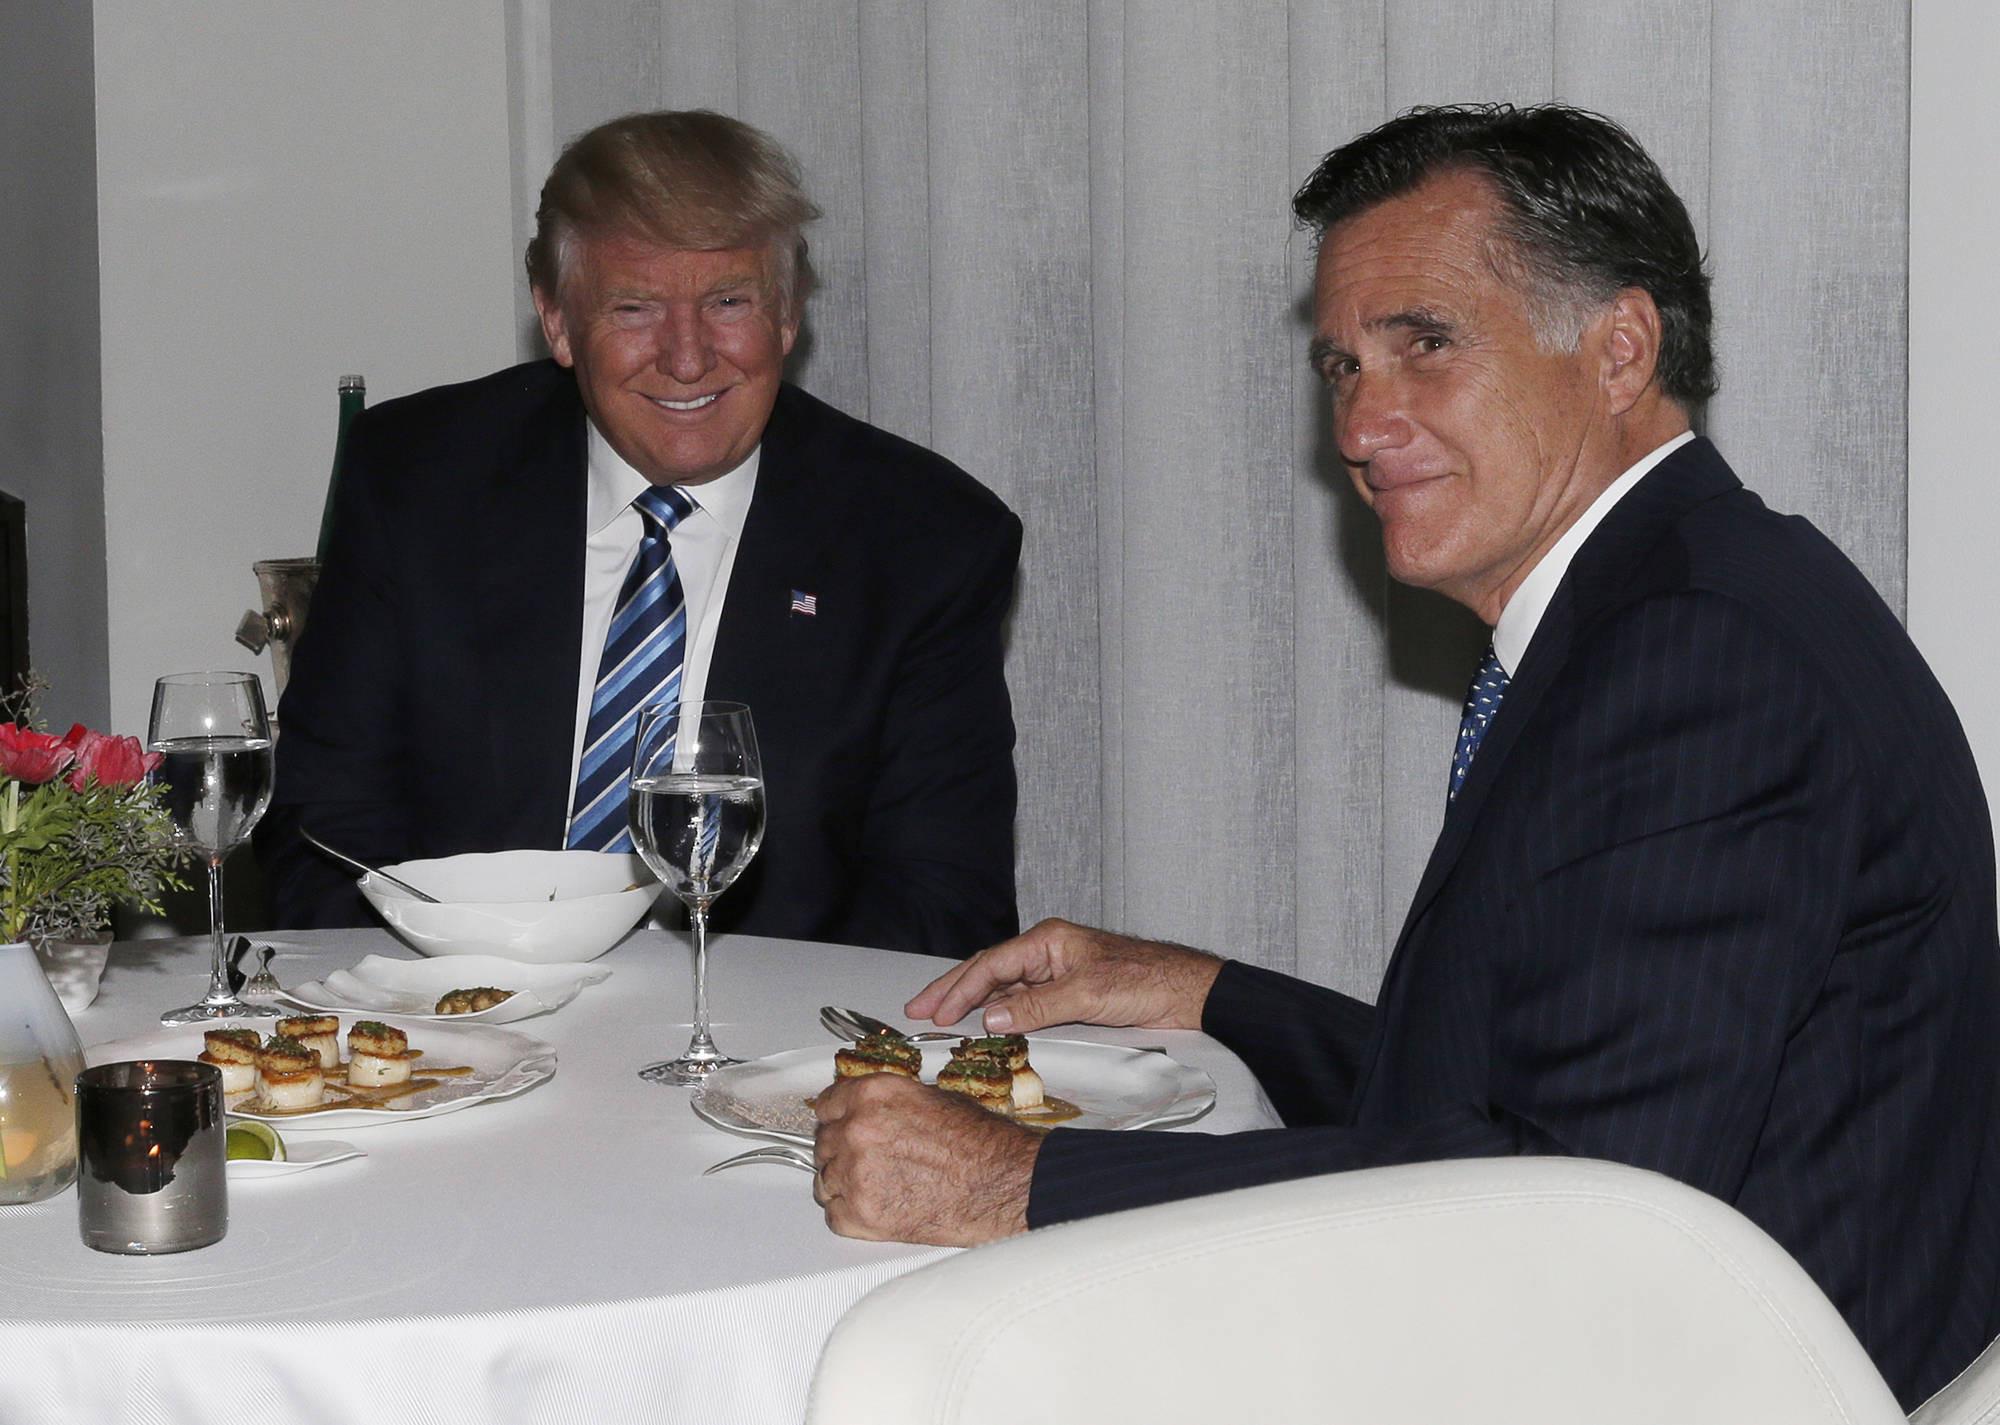 Trump Romney Dinner  Trump Romney l'odio diventa amore – Il blog di Orlando